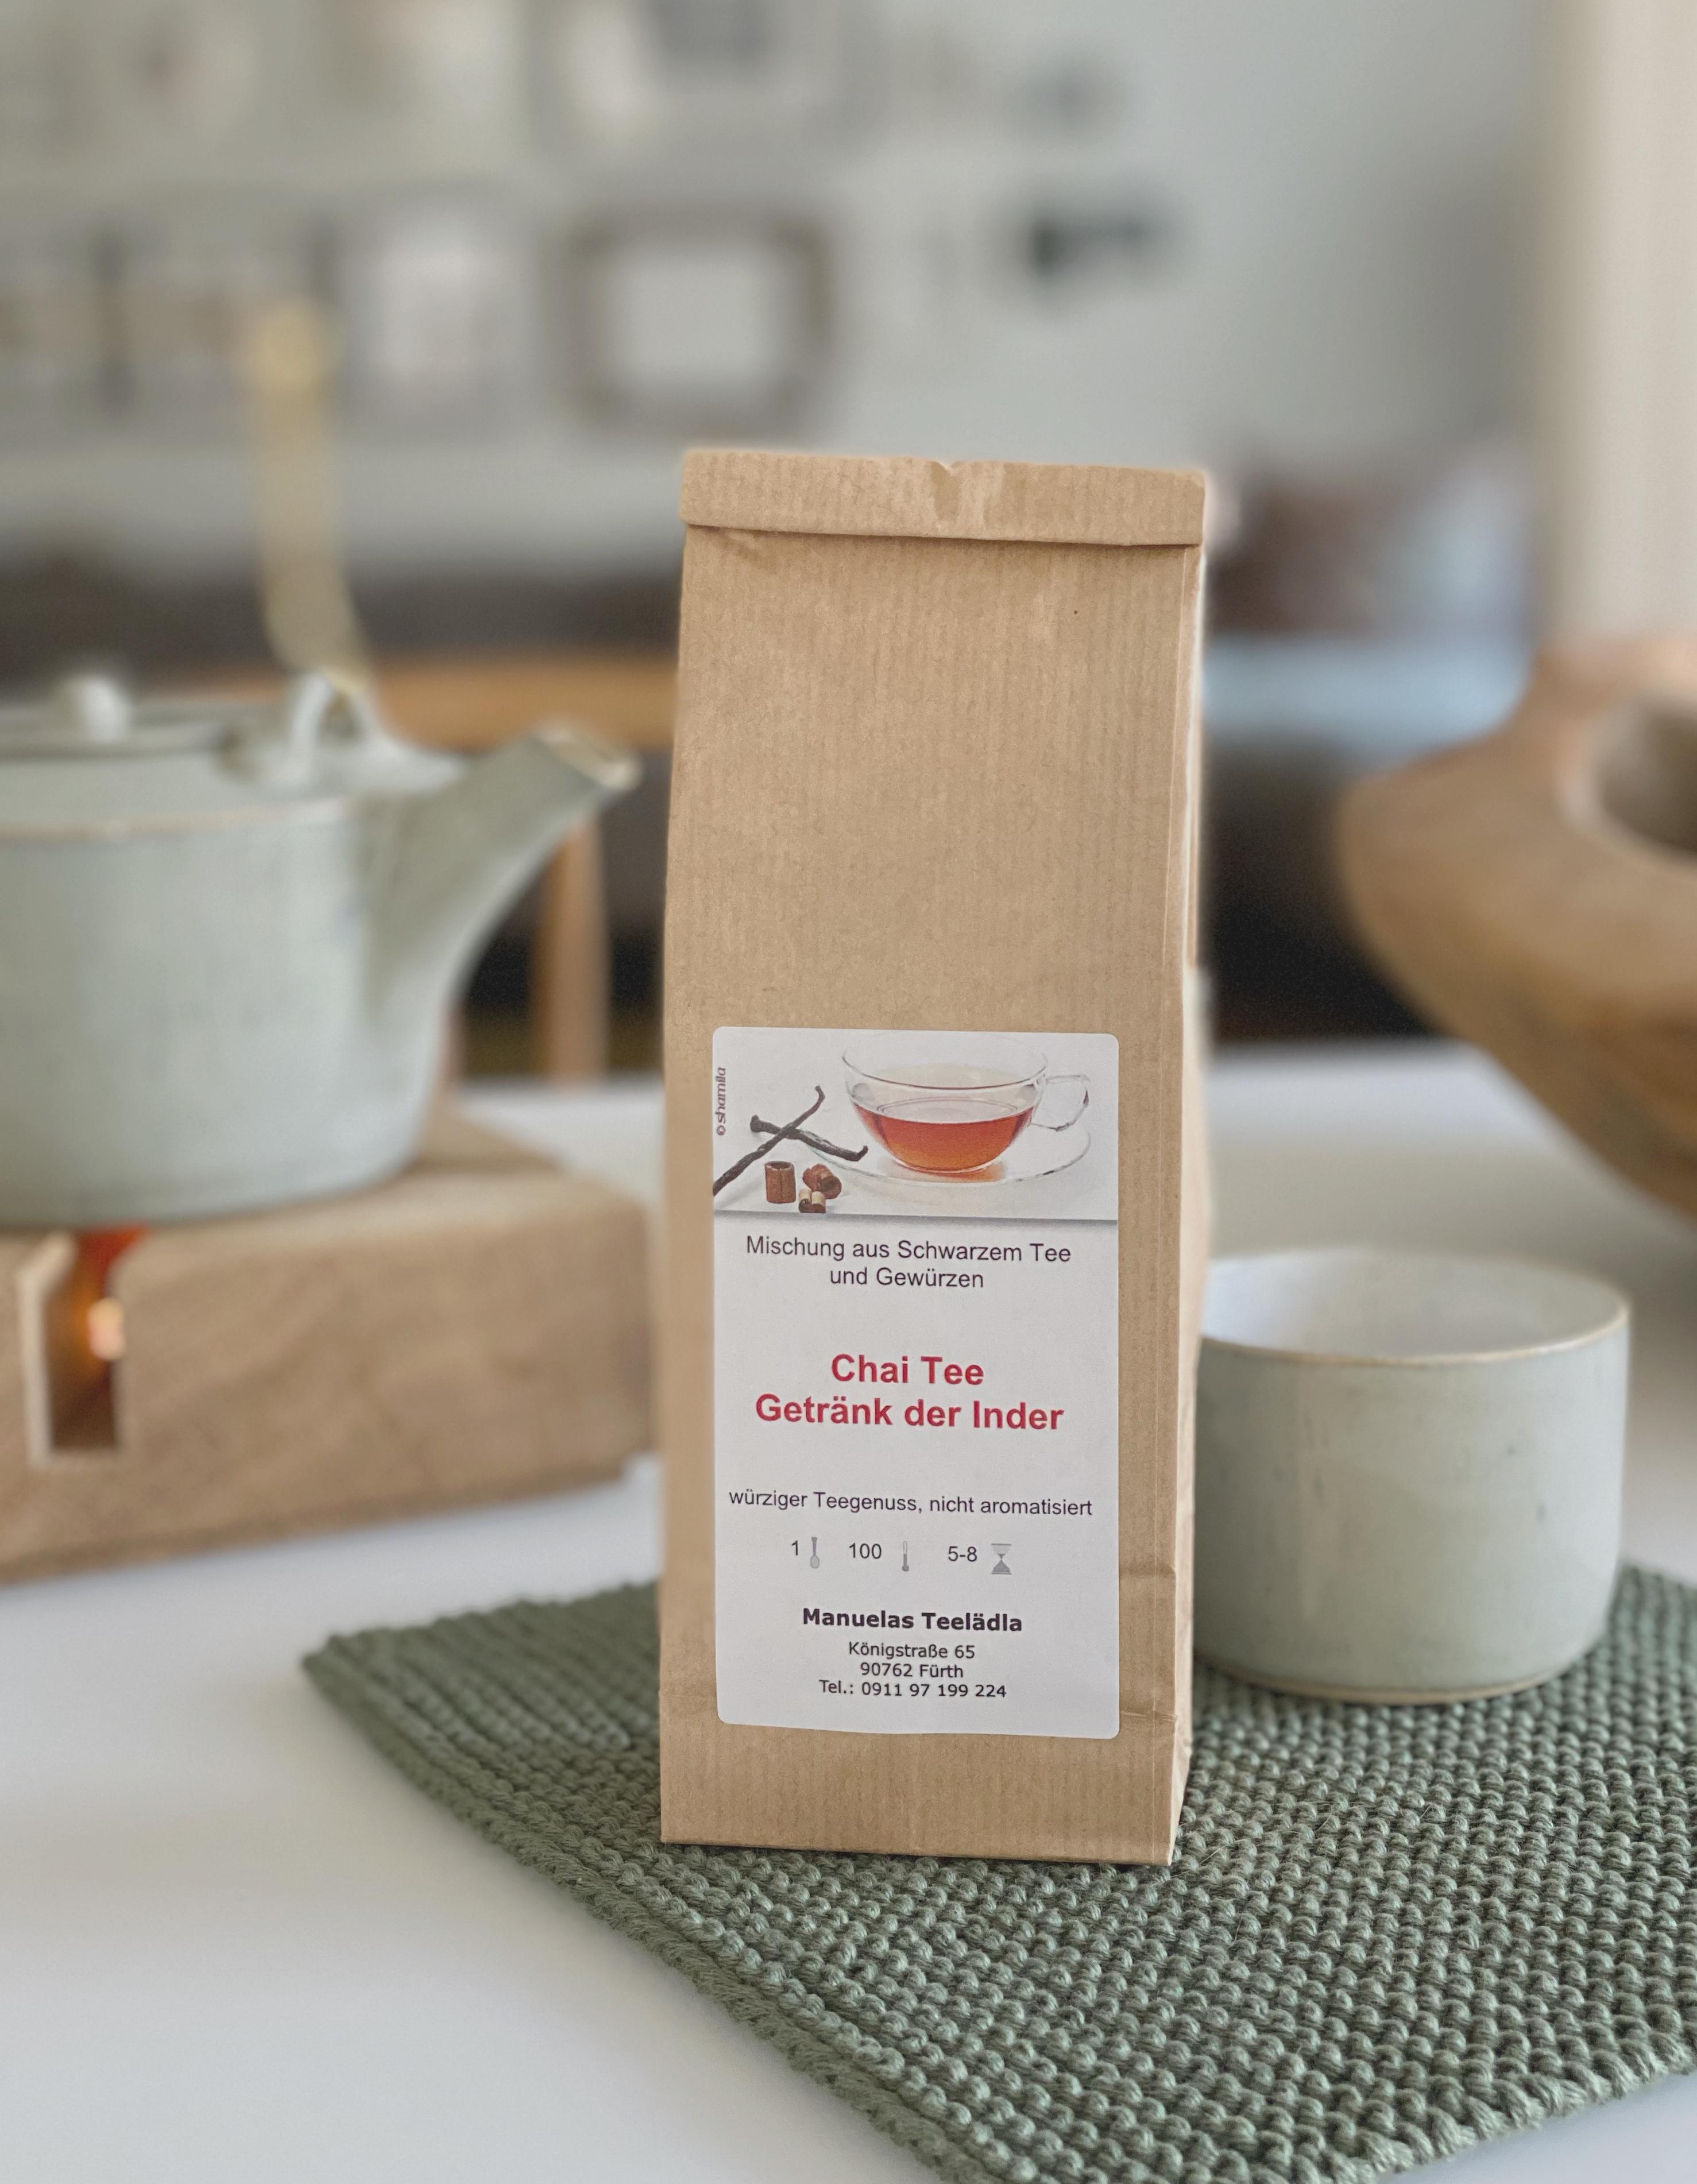 Chai Tee - Getränk der Inder